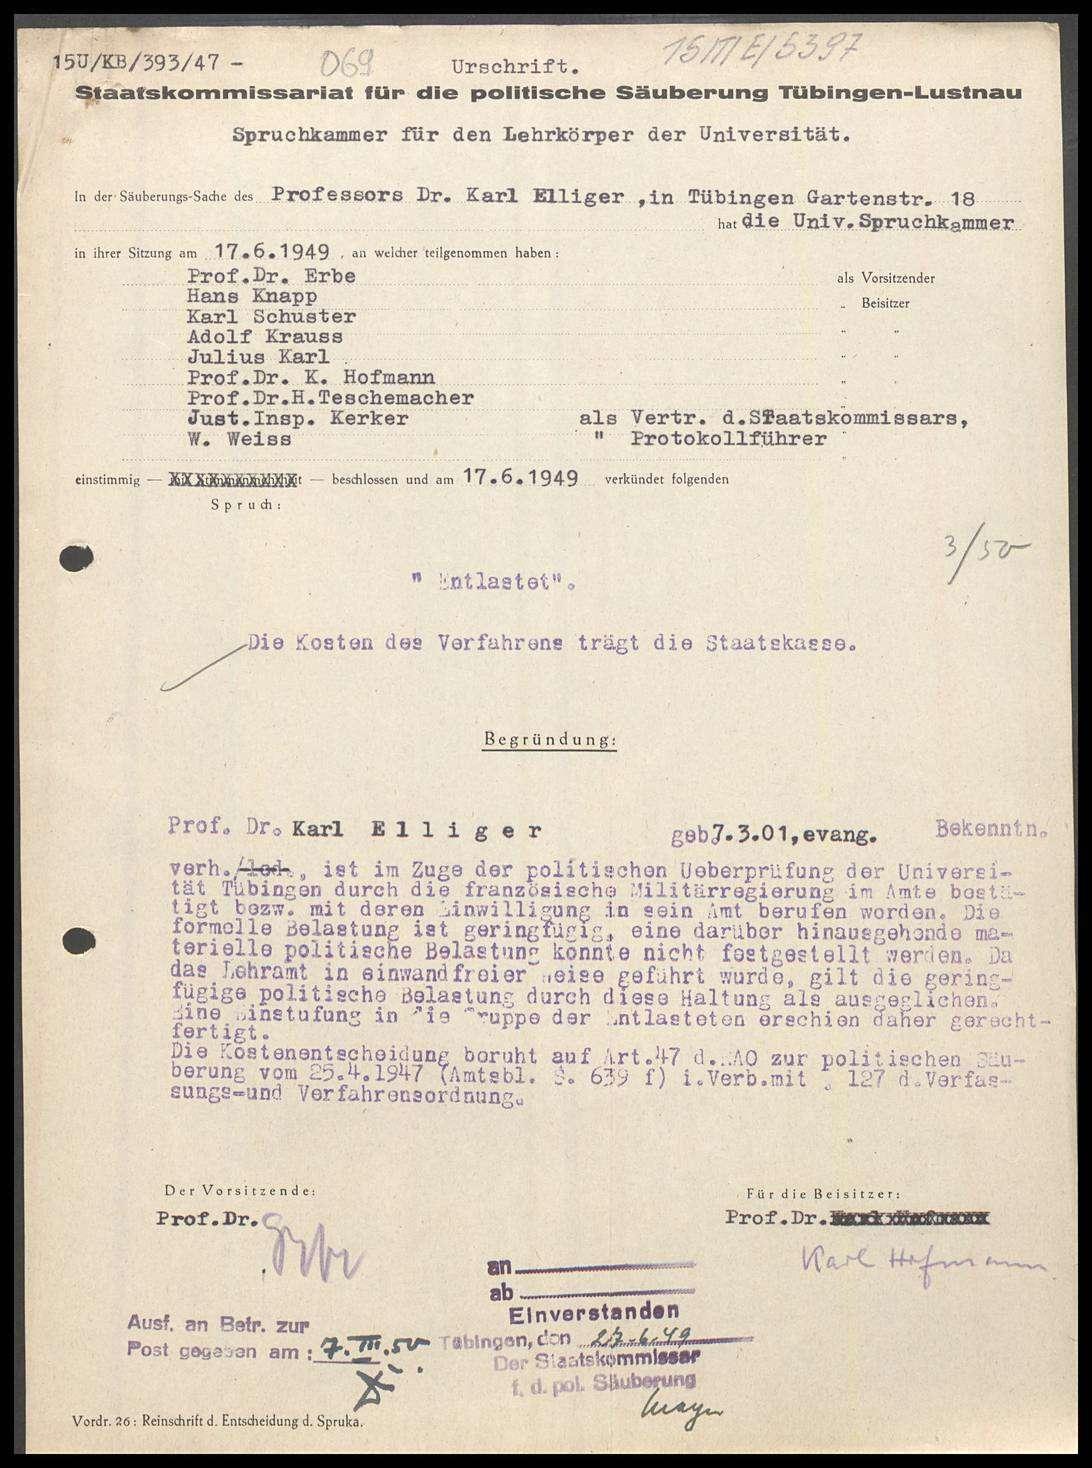 Elliger, Karl, Prof. Dr., Bild 1